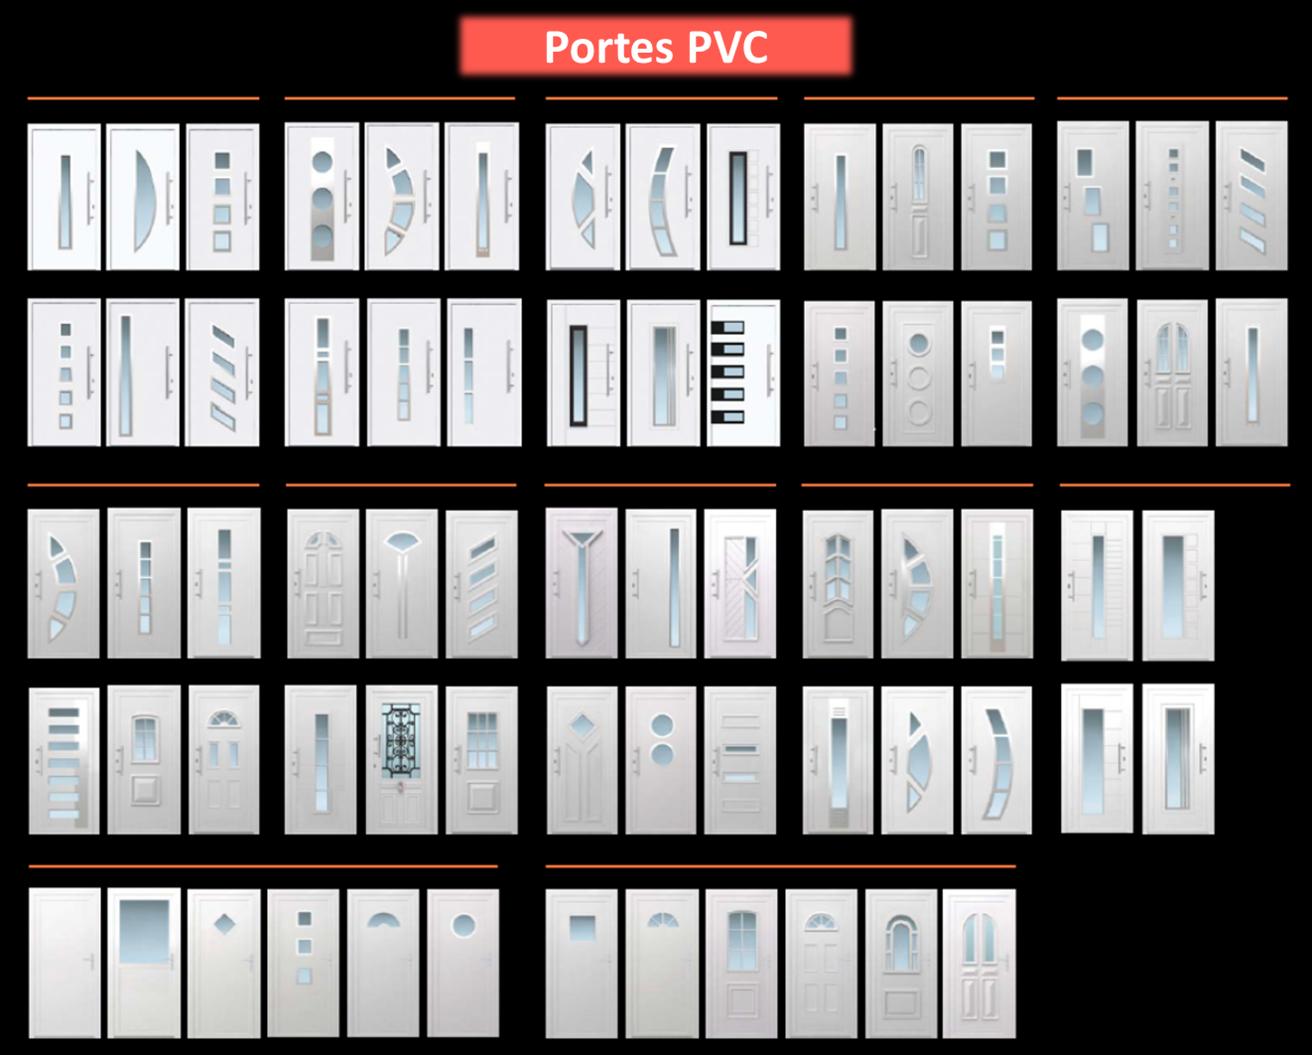 Portes PVC Revue